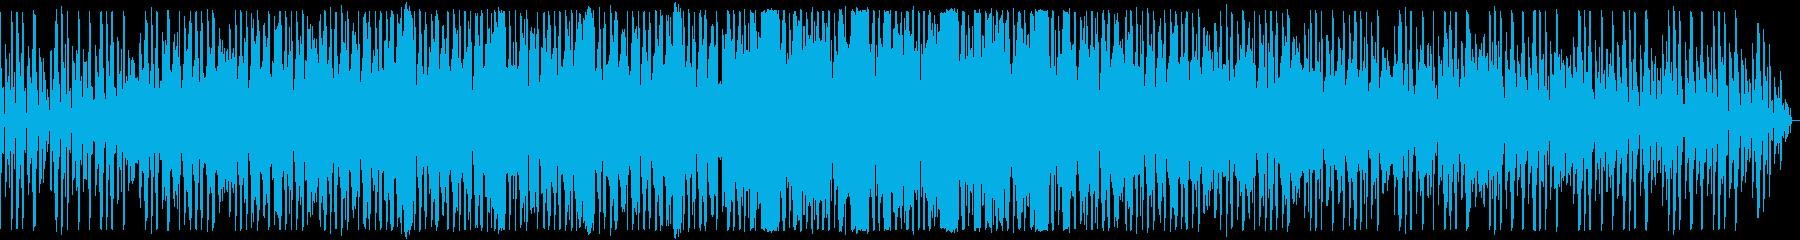 ローファイなダンスミュージックの再生済みの波形